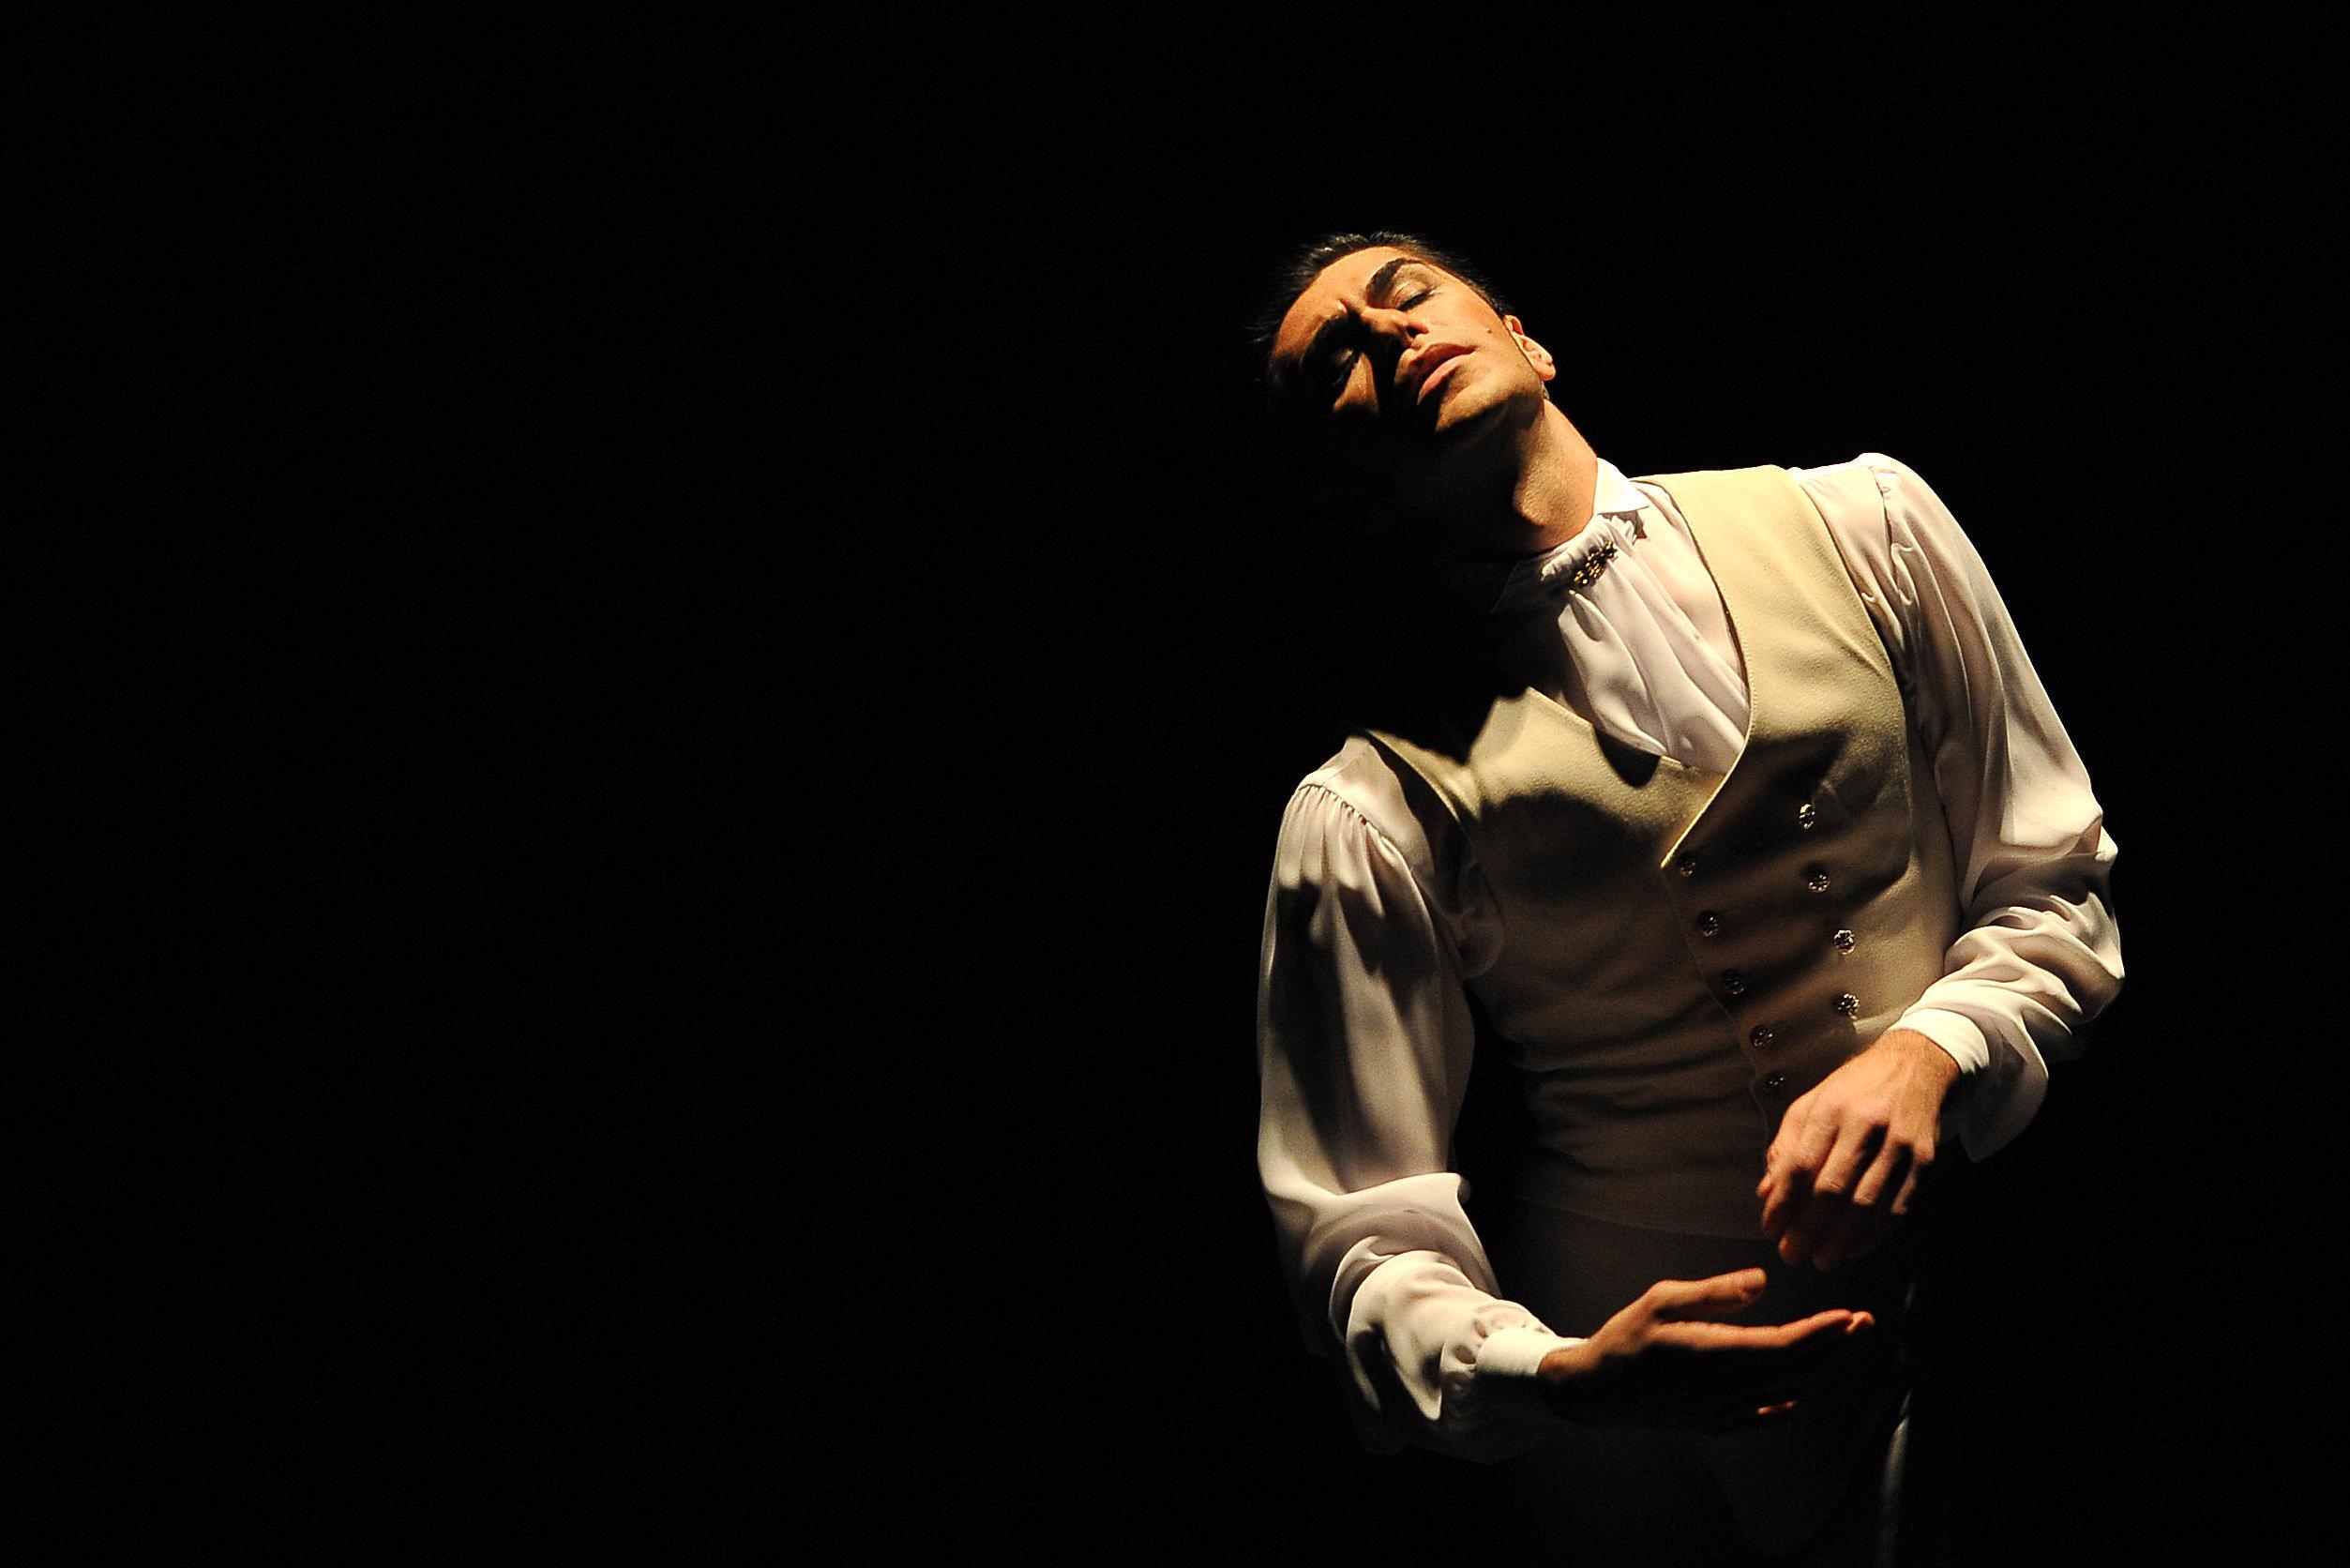 Артист балета Николай Цискаридзе в сцене из балета Пиковая дама в постановке Ролана Пети